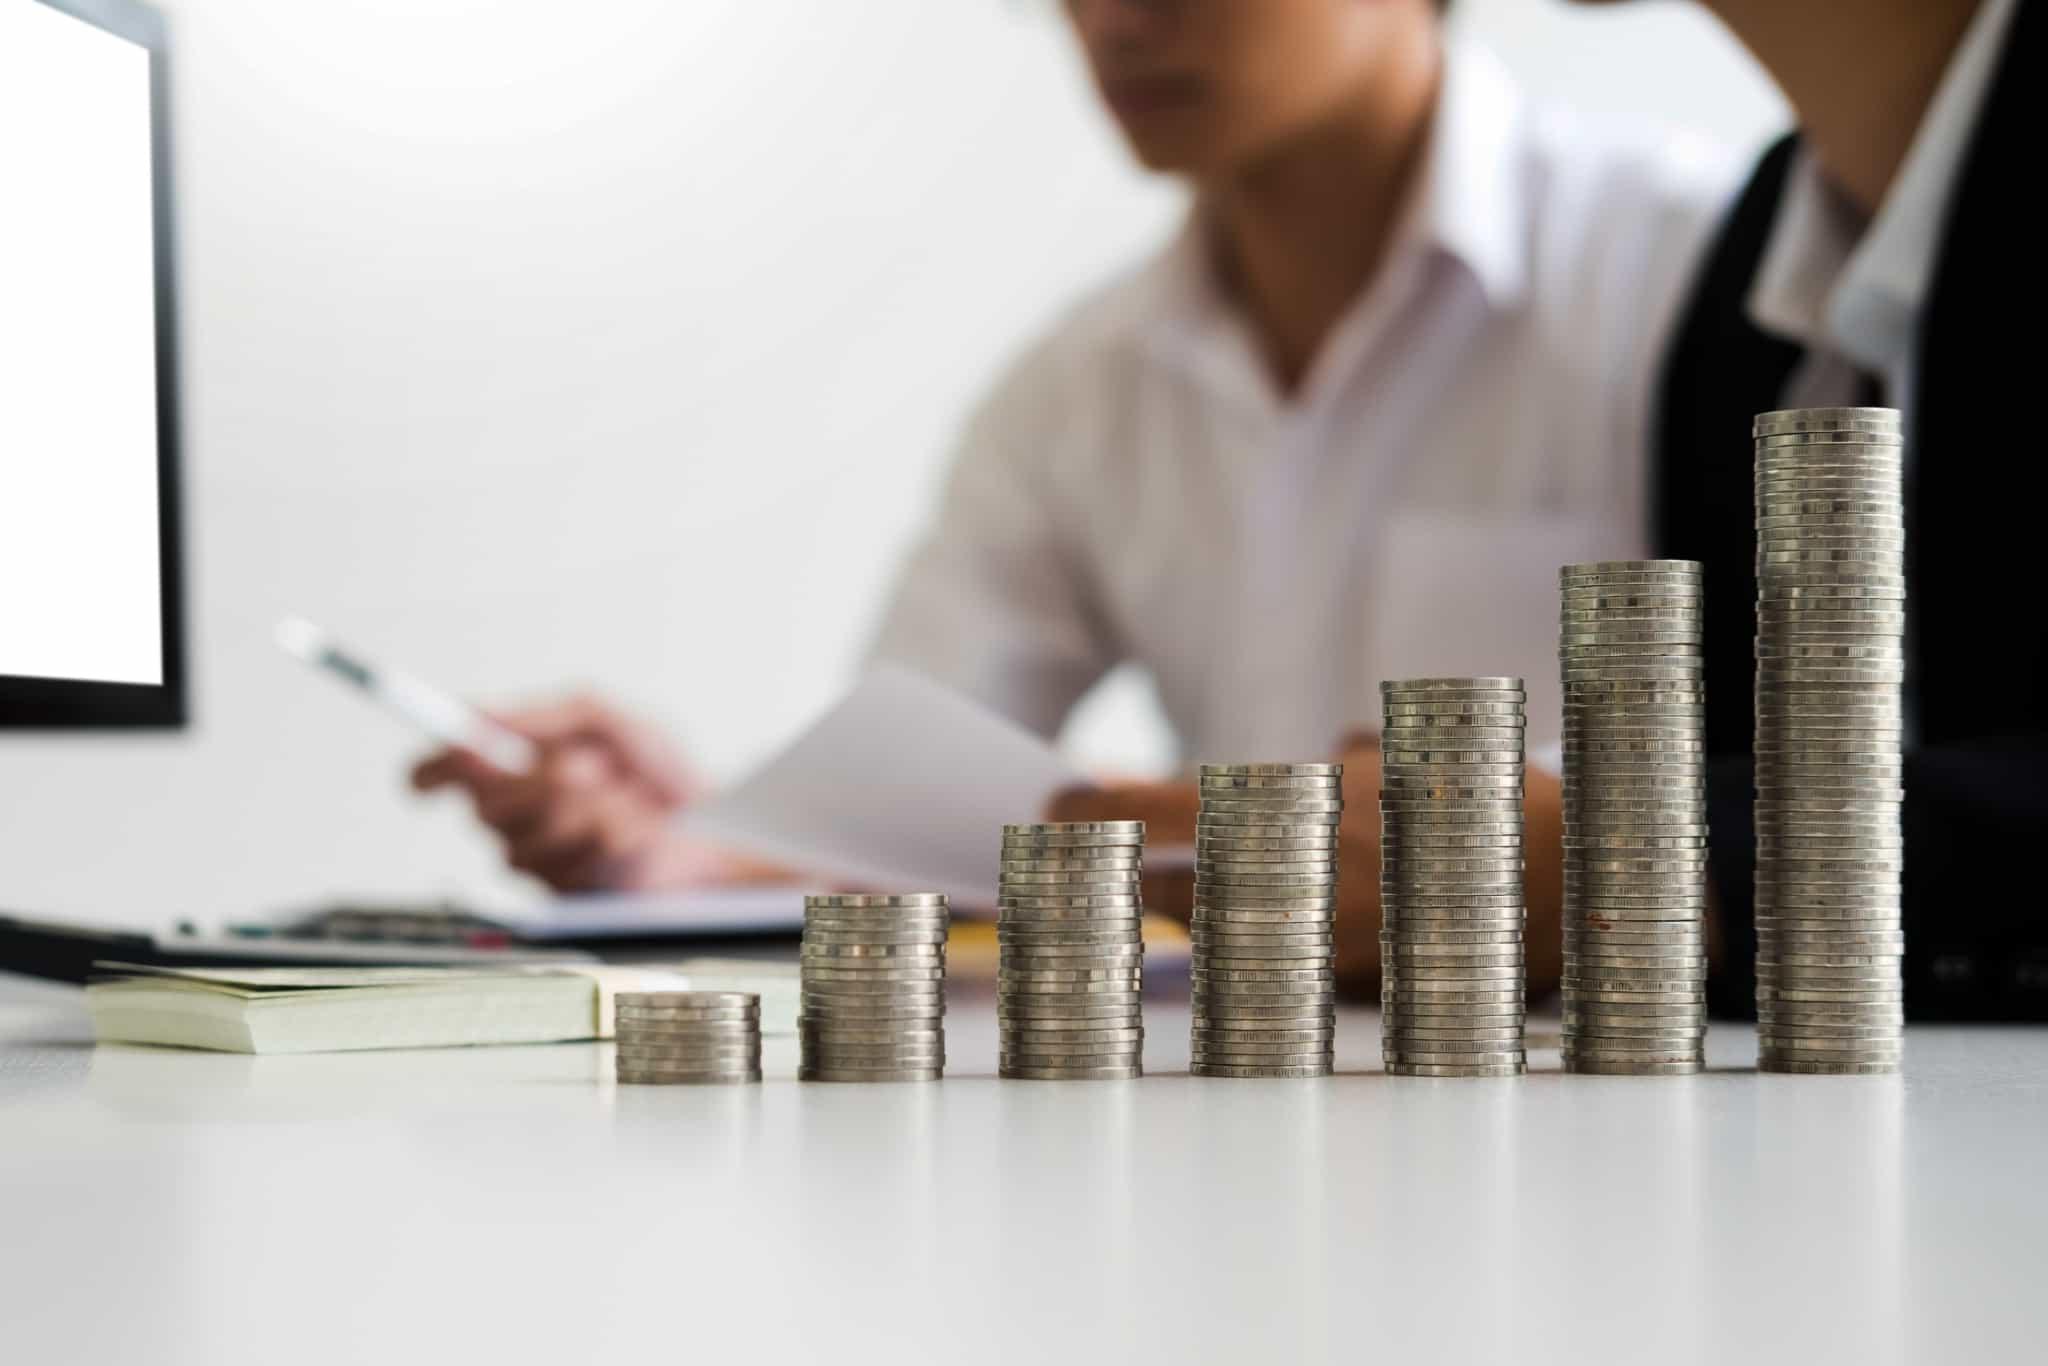 moedas em cima da mesa_preparar crise financeira